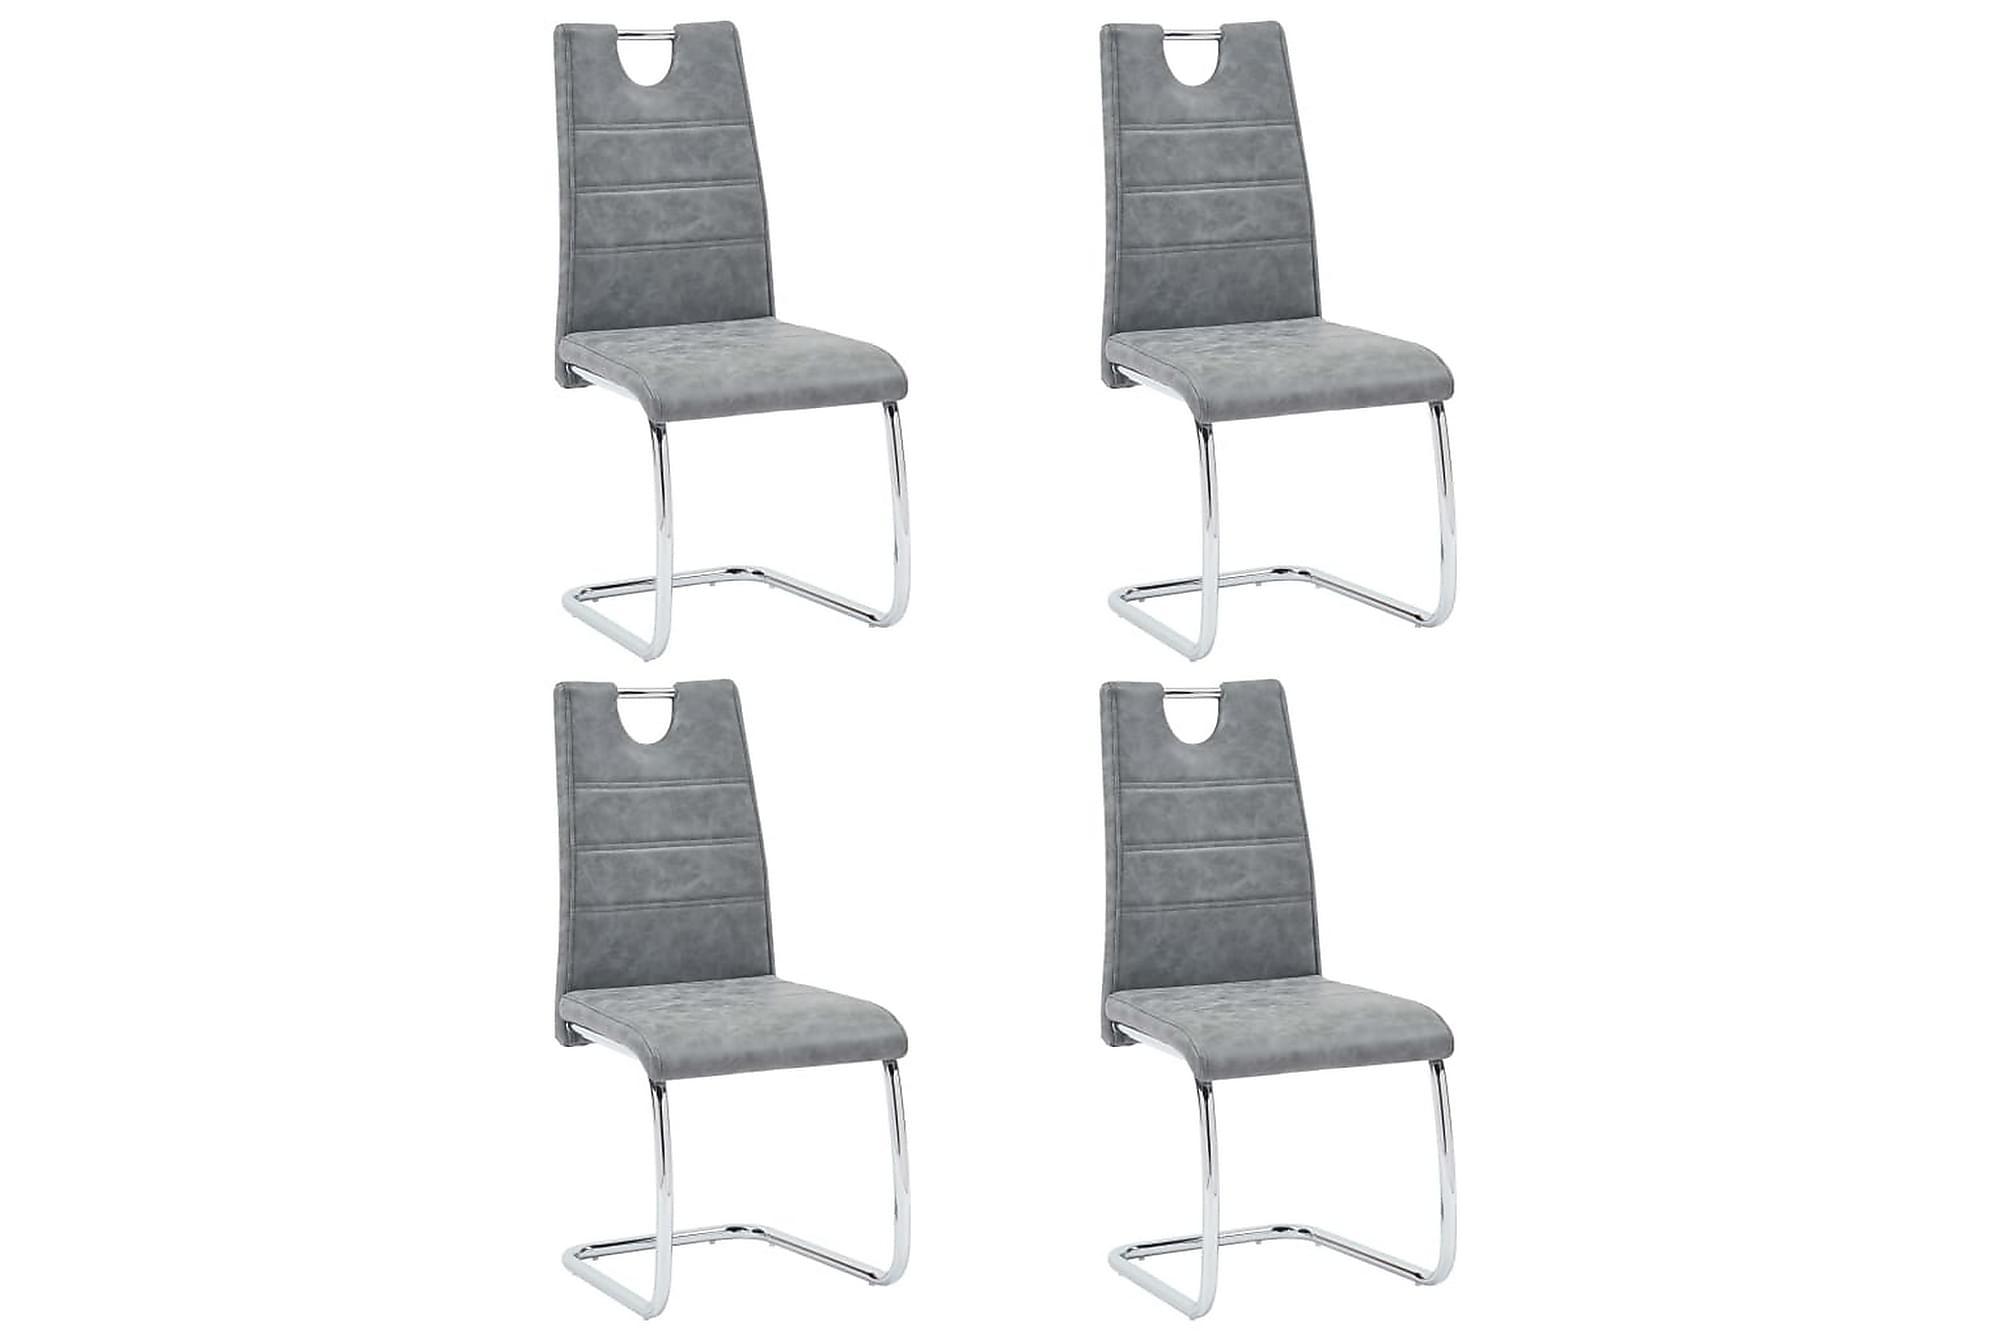 Matstolar 4 st grå konstläder